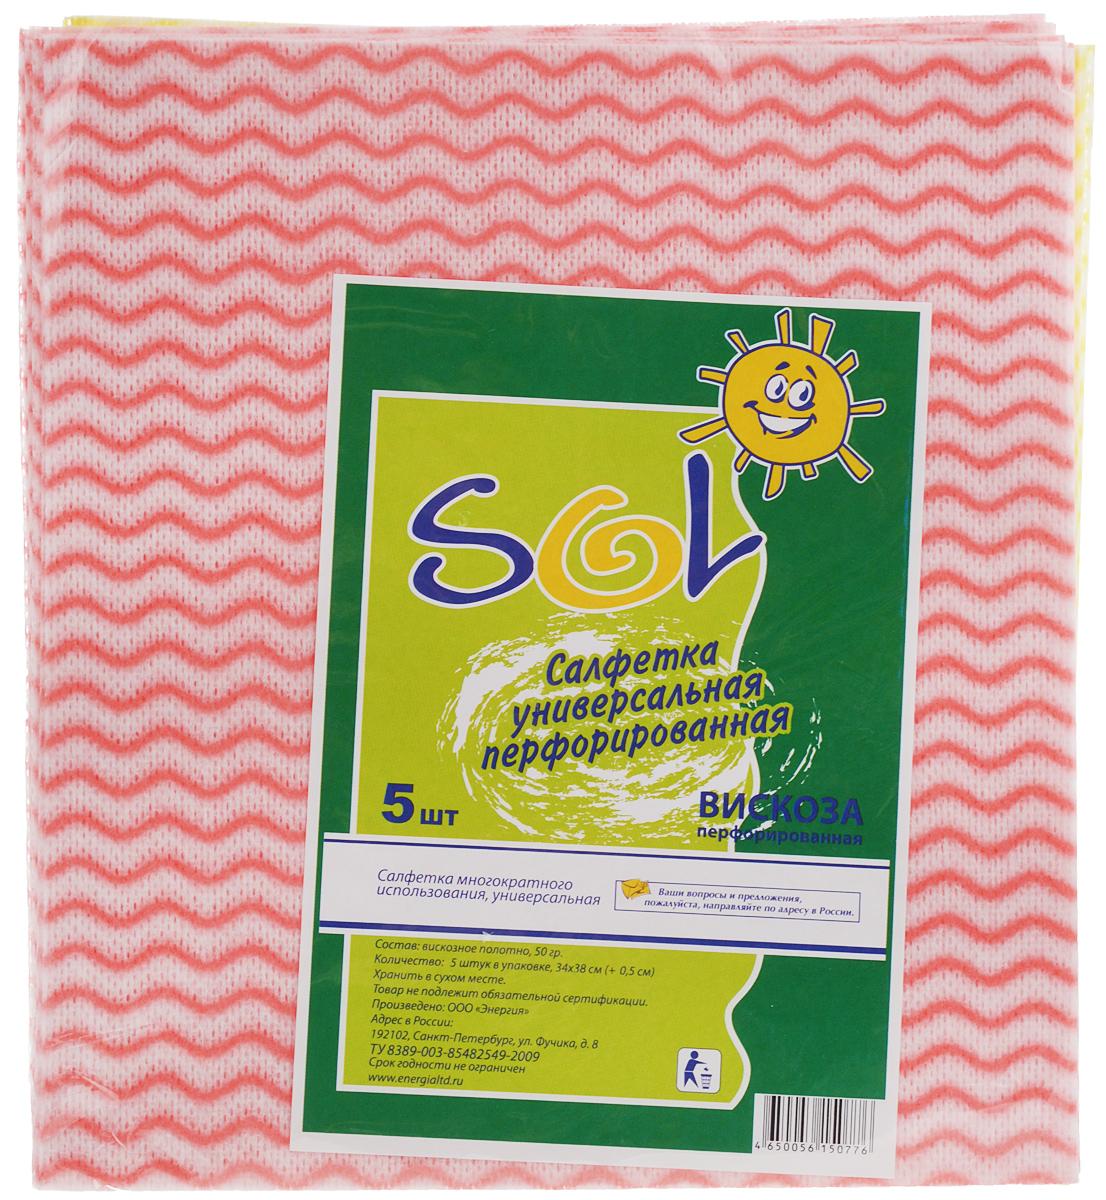 Салфетка для уборки Sol из вискозы, перфорированная, цвет: желтый, розовый, 34 x 38 см, 5 шт10005/10053_желтый,розовыйПерфорированные салфетки для уборки Sol, выполненные из вискозы, предназначены для уборки и могут применяться с различными моющими средствами. Эффективно впитывают жидкость. Мягкие и прочные, легко отжимаются и быстро сохнут. Рекомендации по уходу: Для обеспечения гигиеничности уборки после применения прополоскать в теплой воде. Для продления срока службы не применять машинную стирку, не гладить и не кипятить.